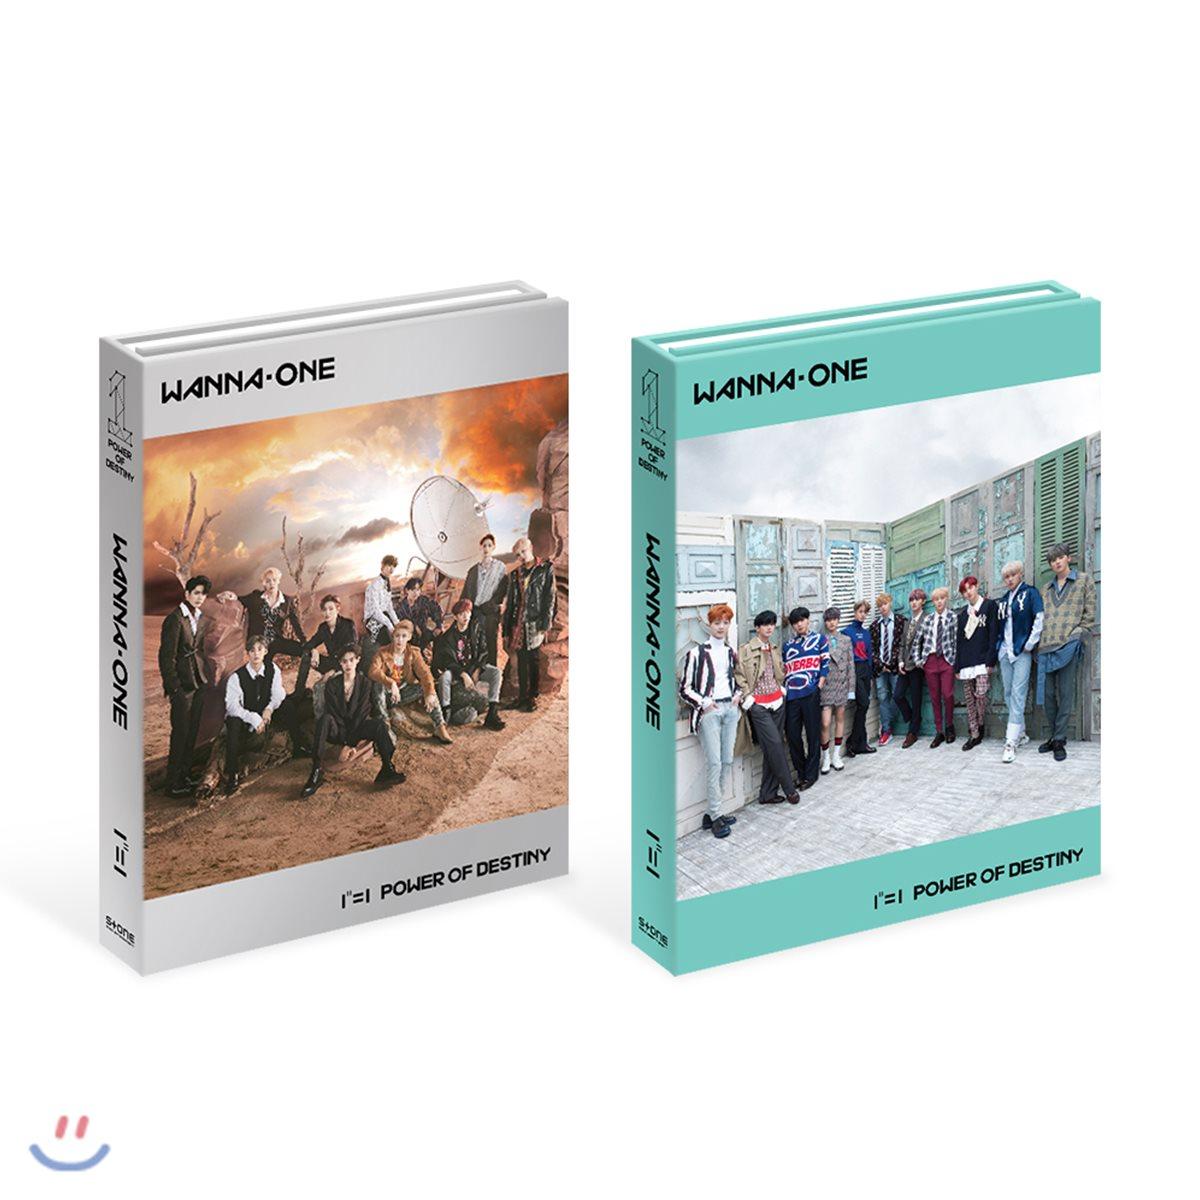 워너원(Wanna One) 1집 : 1¹¹=1 (POWER OF DESTINY)[Adventure + Romance/SET]